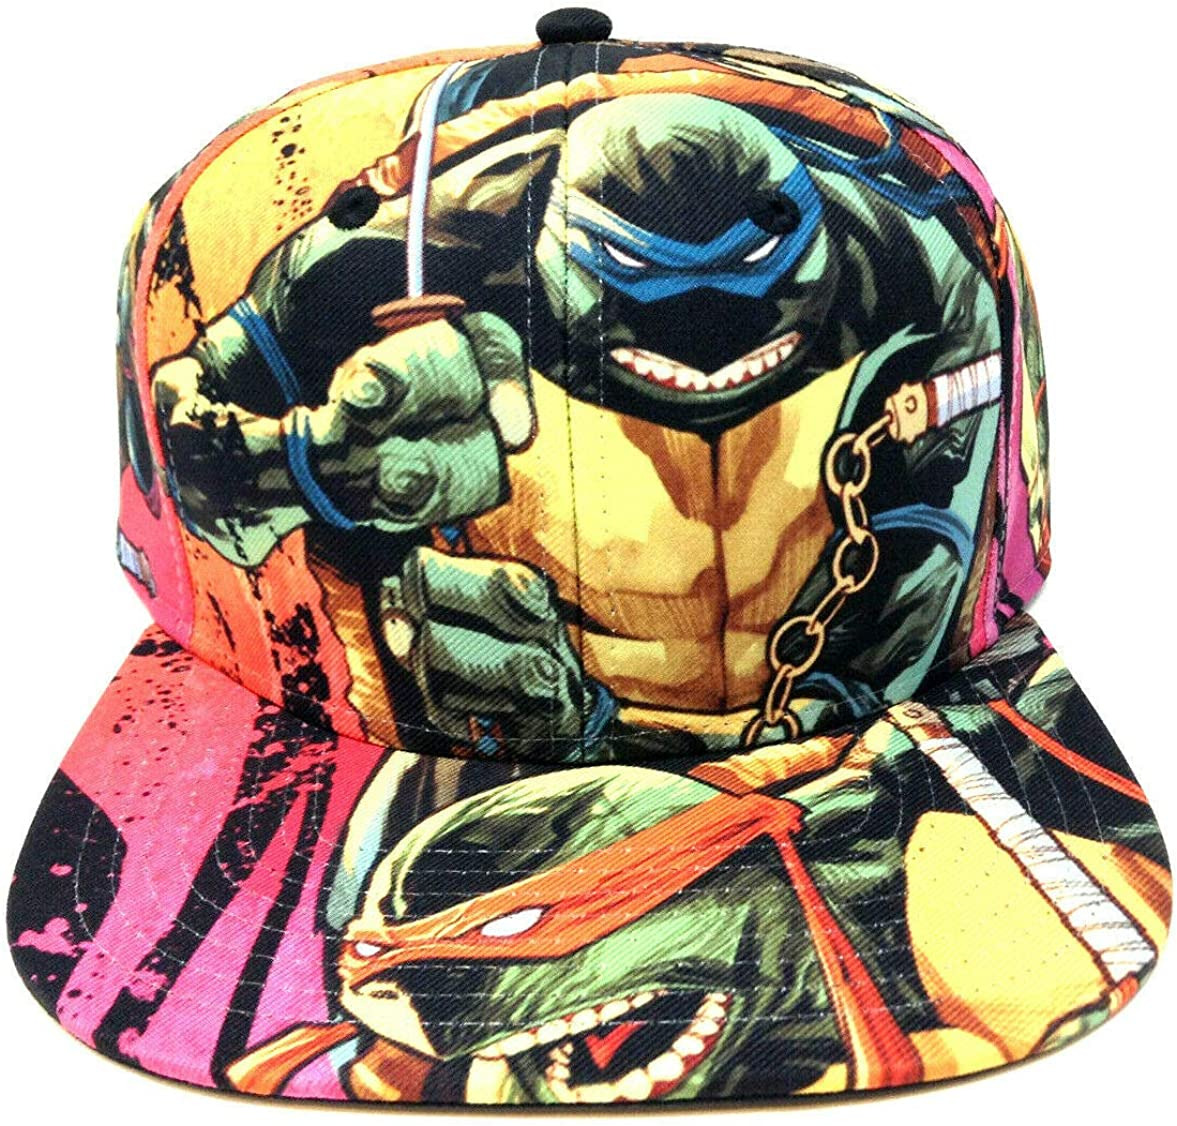 Teenage Mutant Ninja Turtles Sublimated All Over Print Snapback